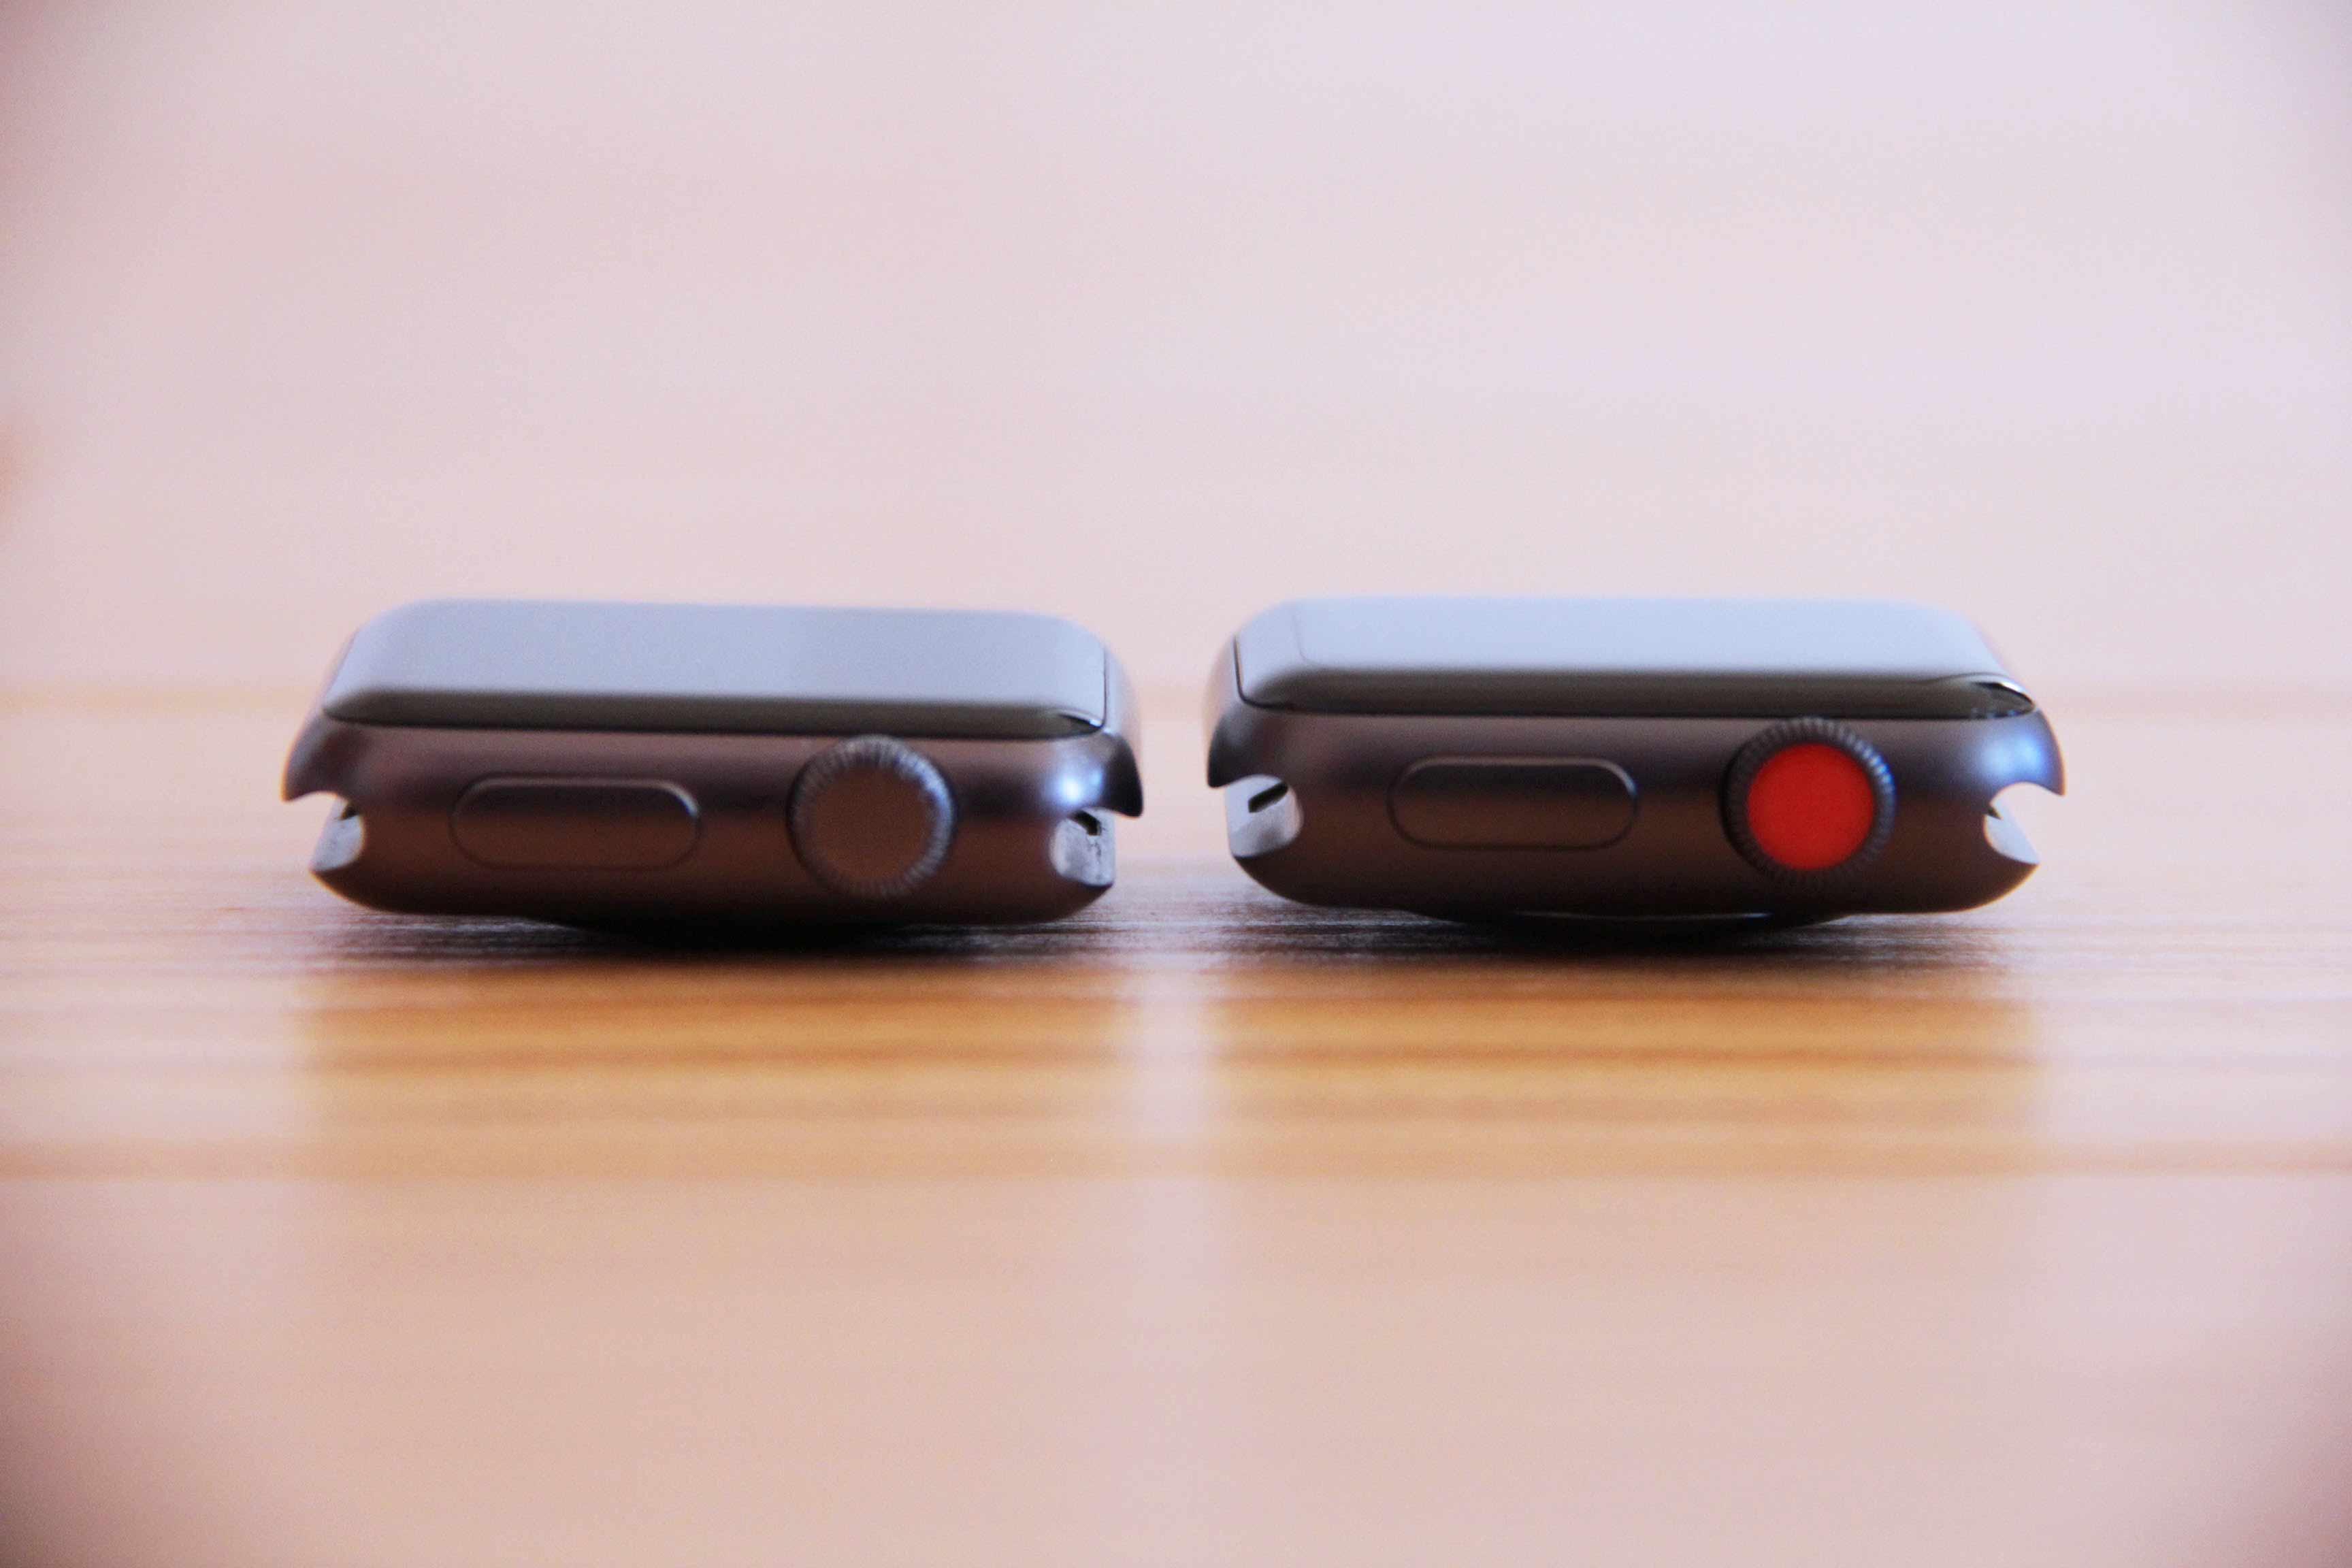 AppleWatchseries3と初代のデザインの違いデジタルクラウンの写真